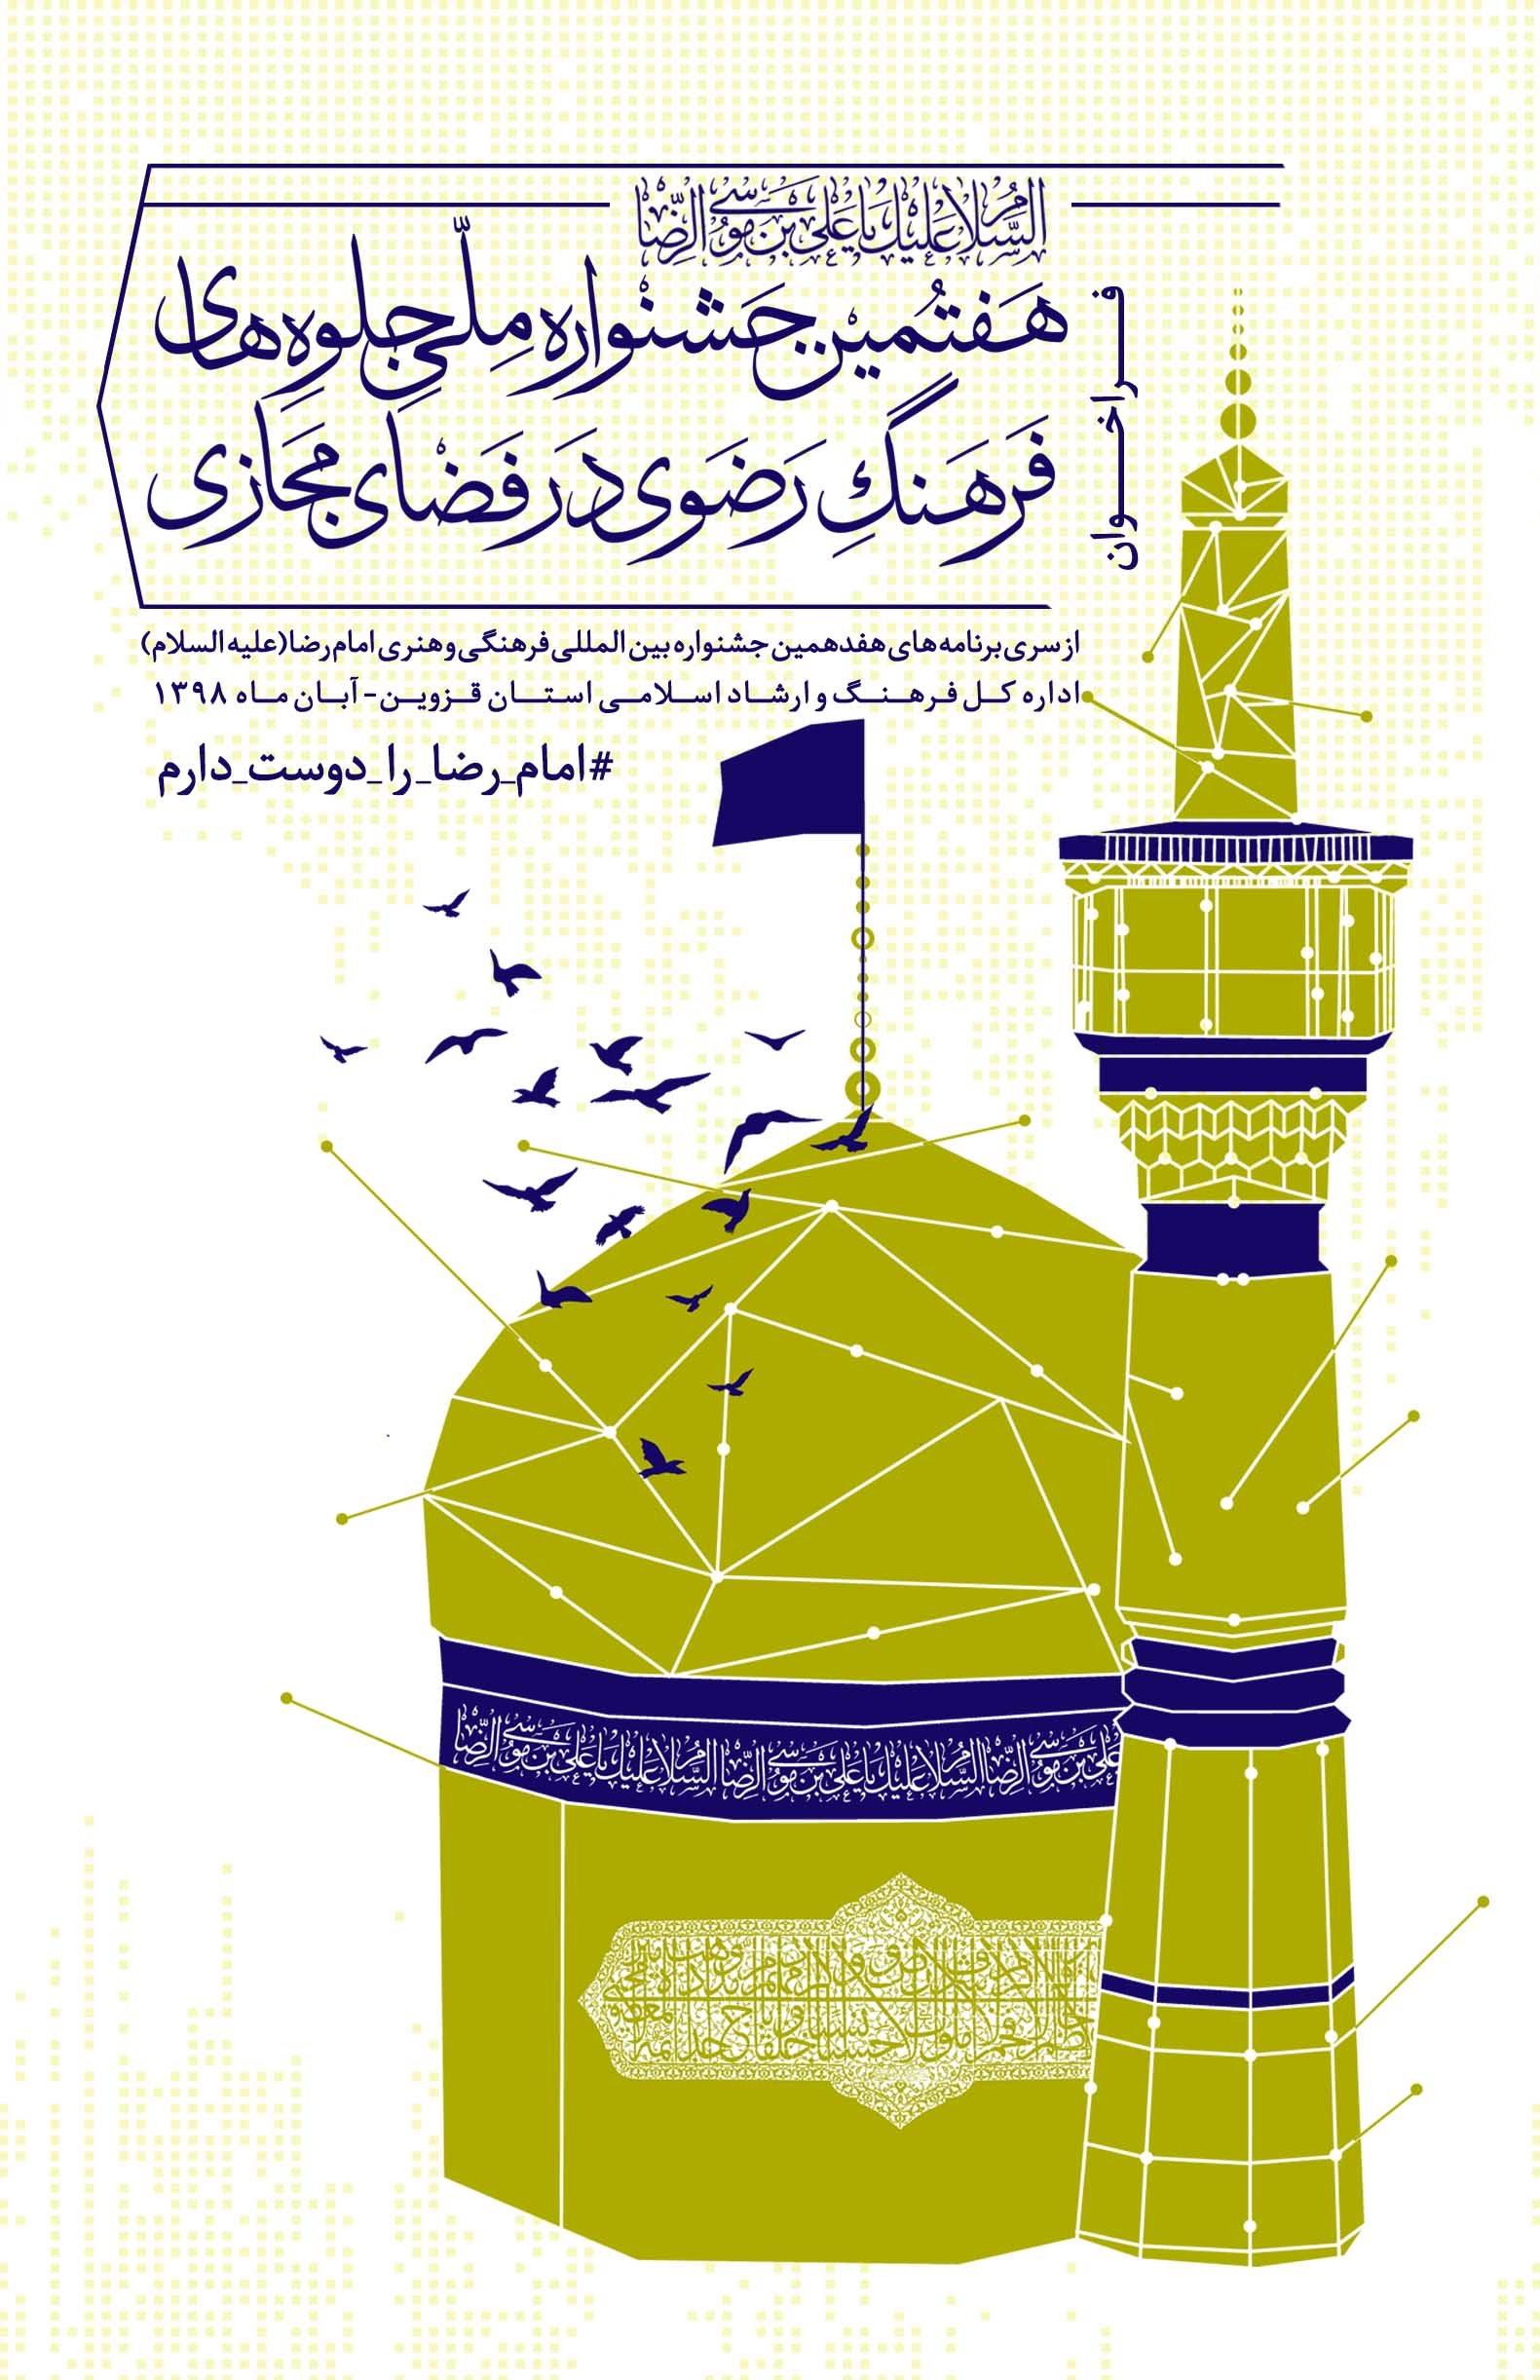 Photo of فراخوان هفتمین جشنواره ملی جلوه های فرهنگ رضوی در فضای مجازی